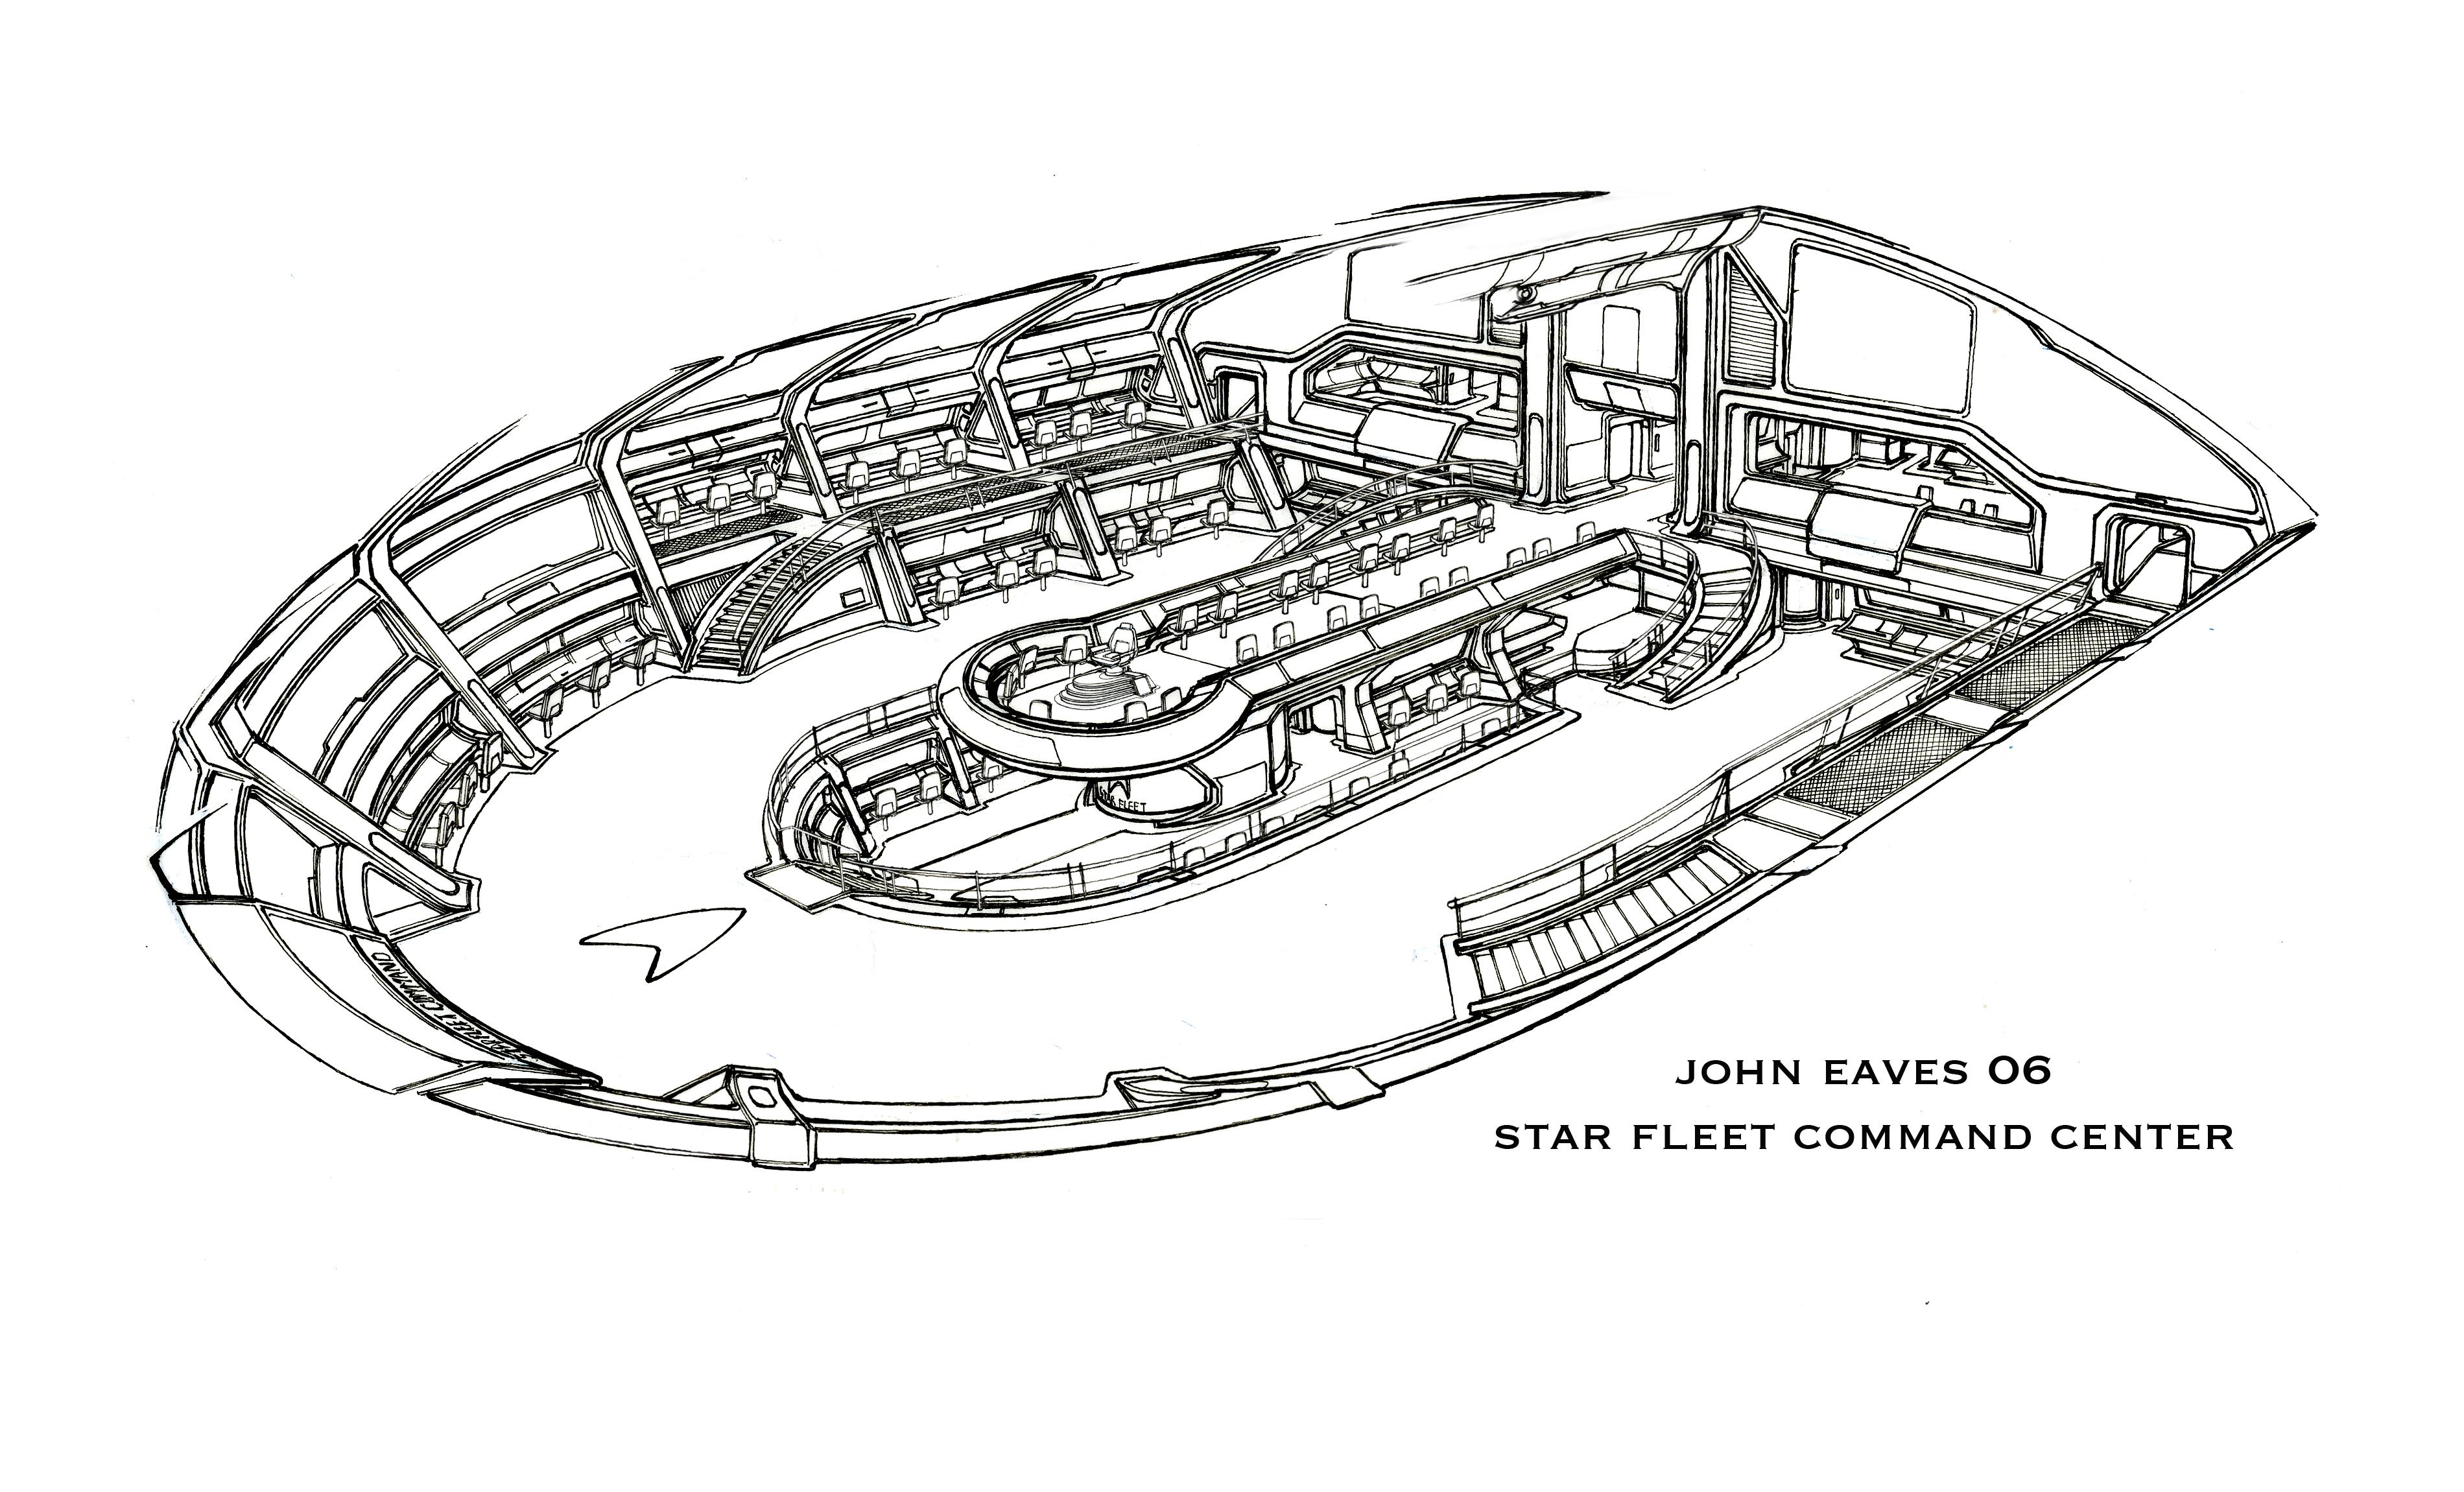 Star Fleet Command Center